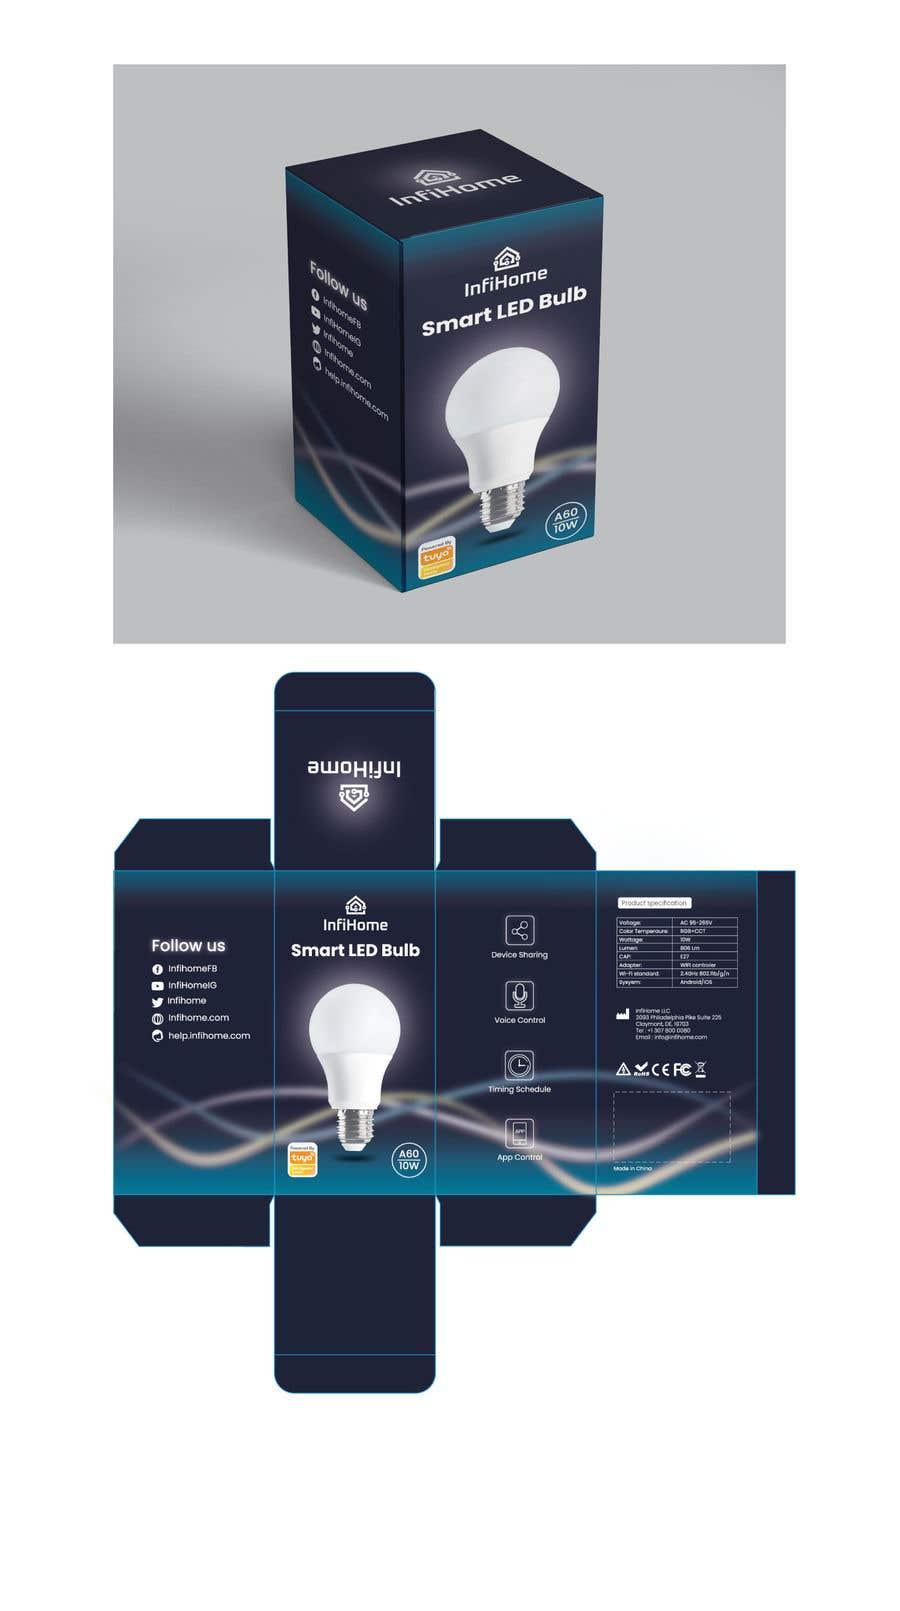 Penyertaan Peraduan #                                        28                                      untuk                                         Design a product package/box